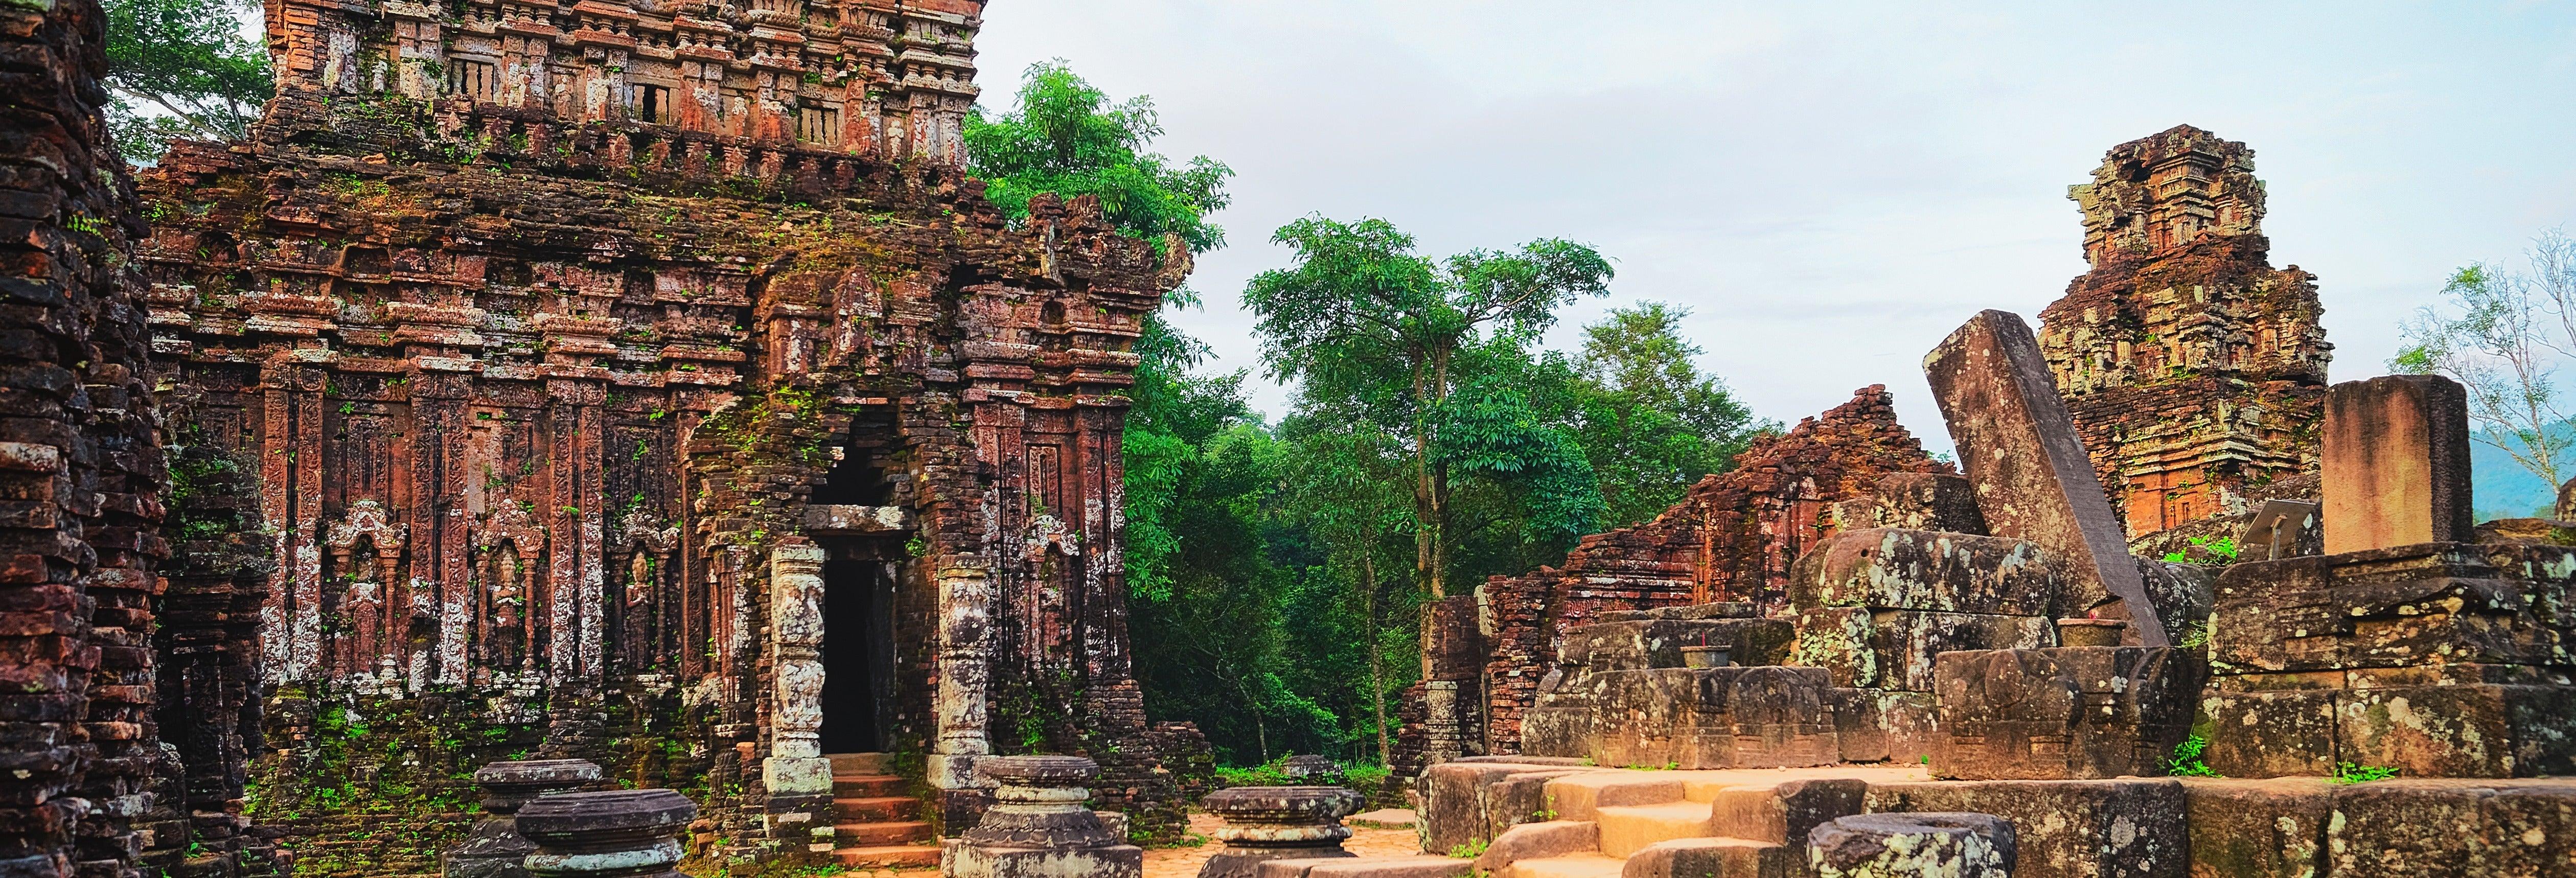 Excursion aux temples de My Son